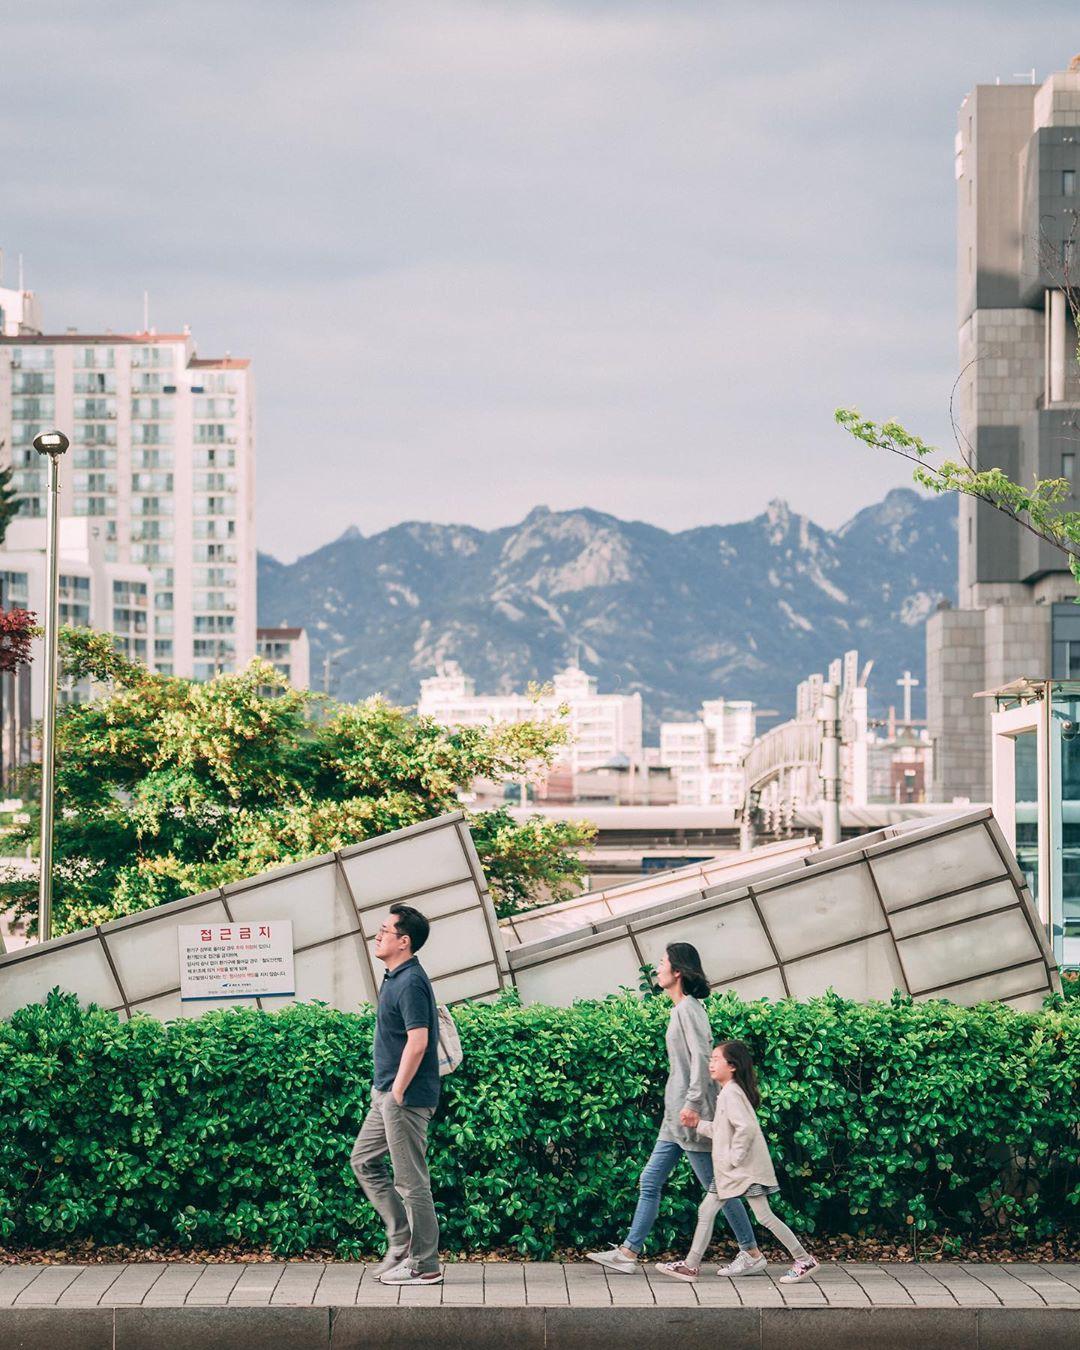 Có một Seoul lãng mạn và bình yên qua nước ảnh trong veo của nhiếp ảnh gia người Mỹ - Ảnh 5.